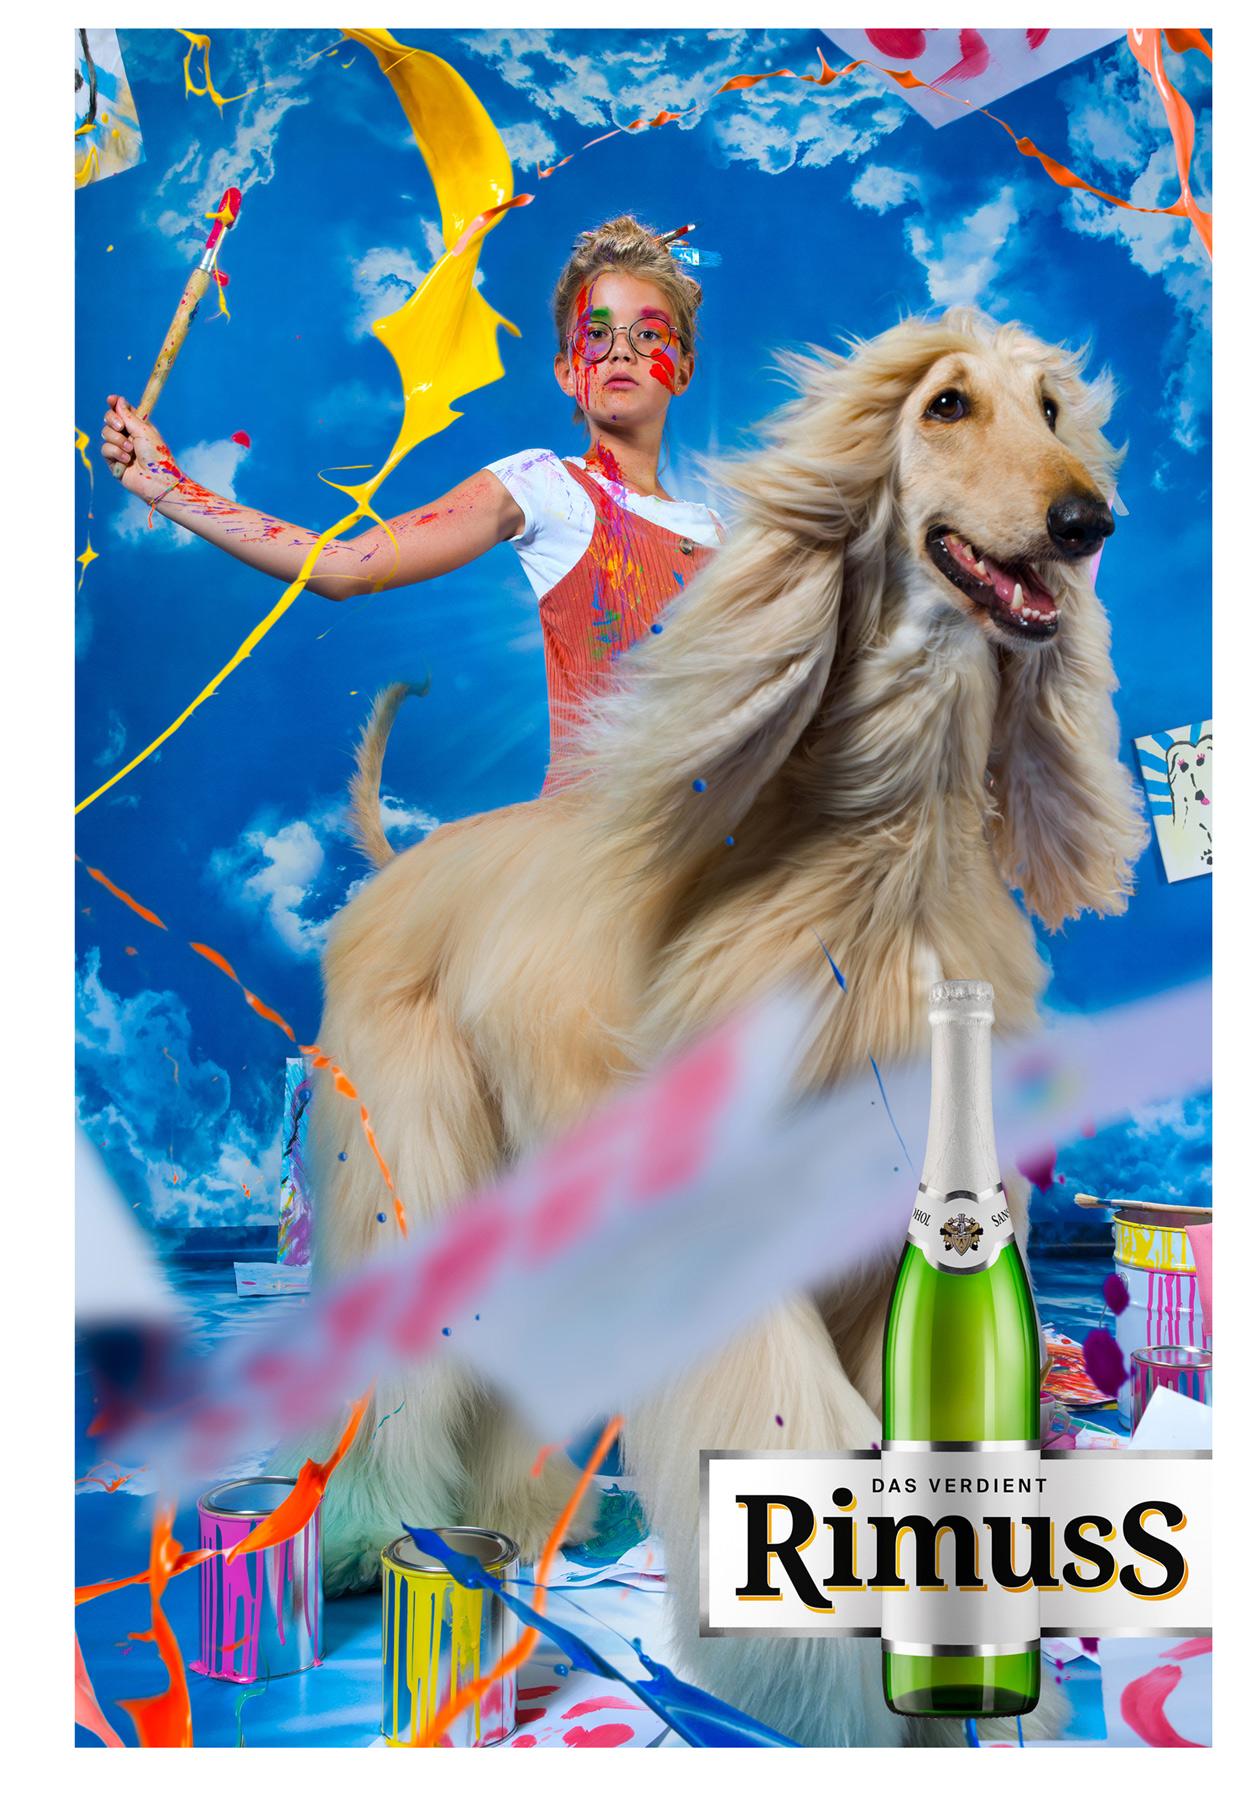 Rimuss Kid's Champagne Campaign, 2018